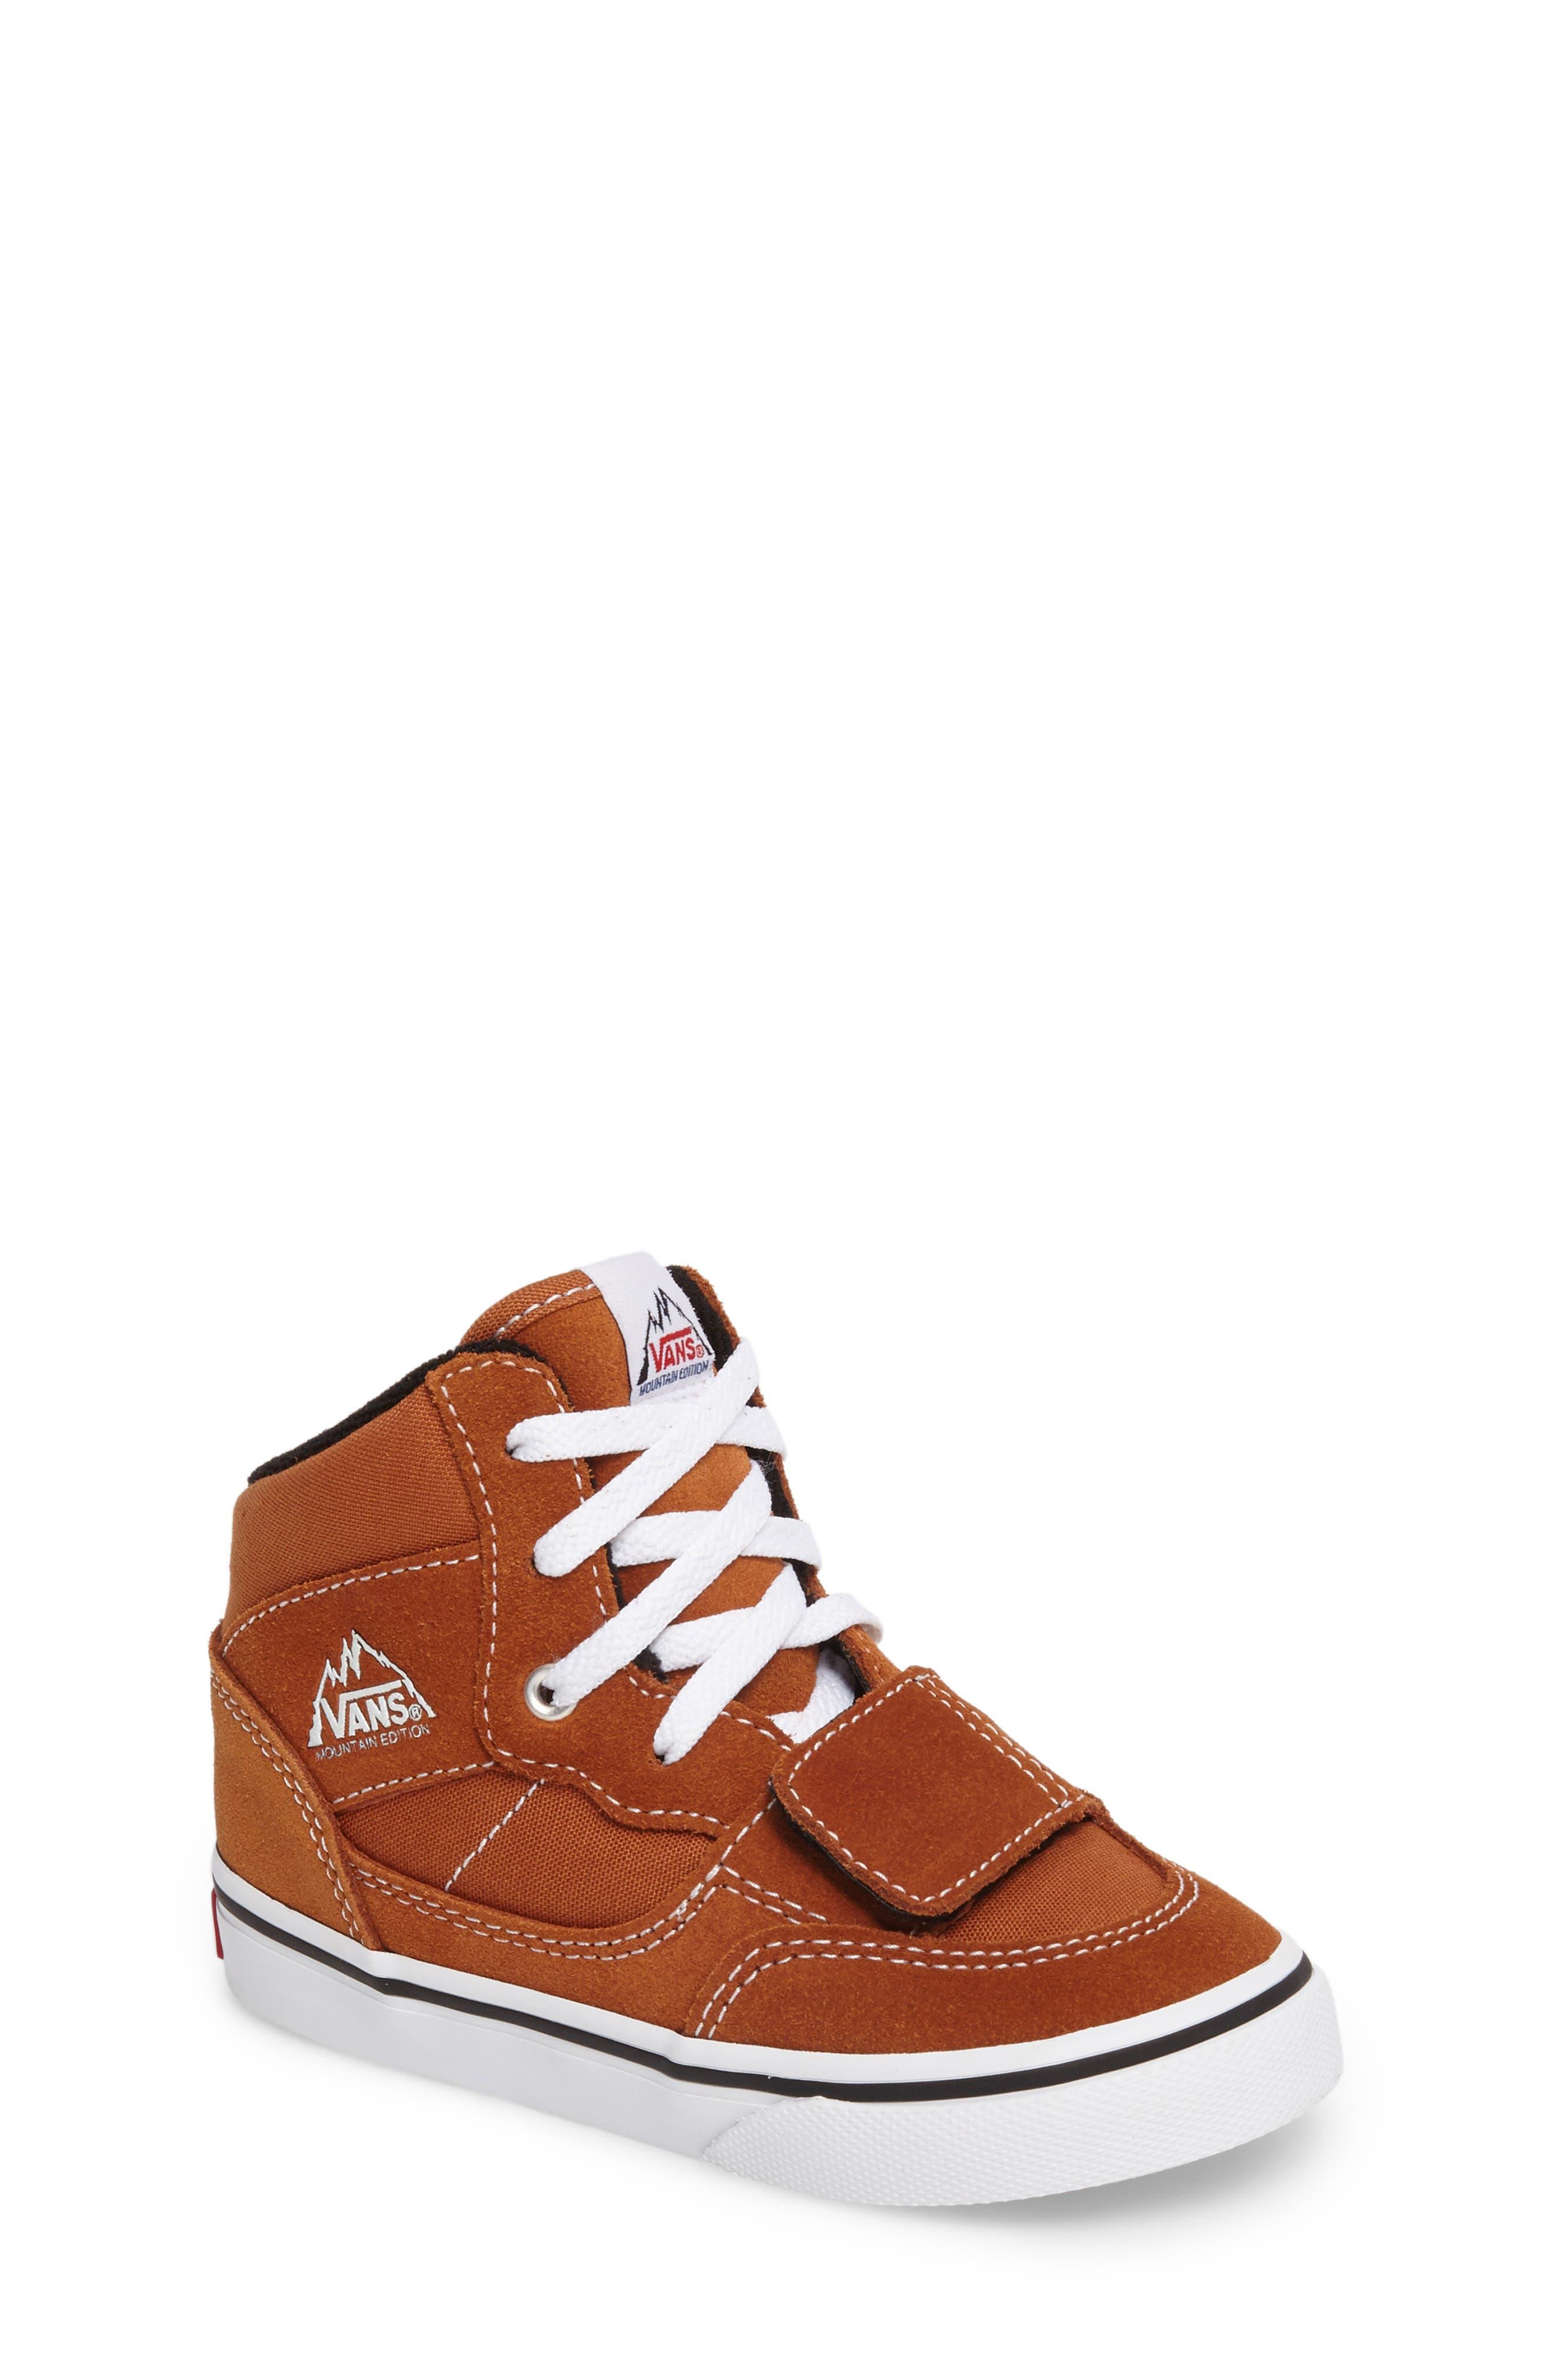 Vans Mountain Edition Mid Top Sneaker (Baby, Walker, Toddler, Little Kid & Big Kid)